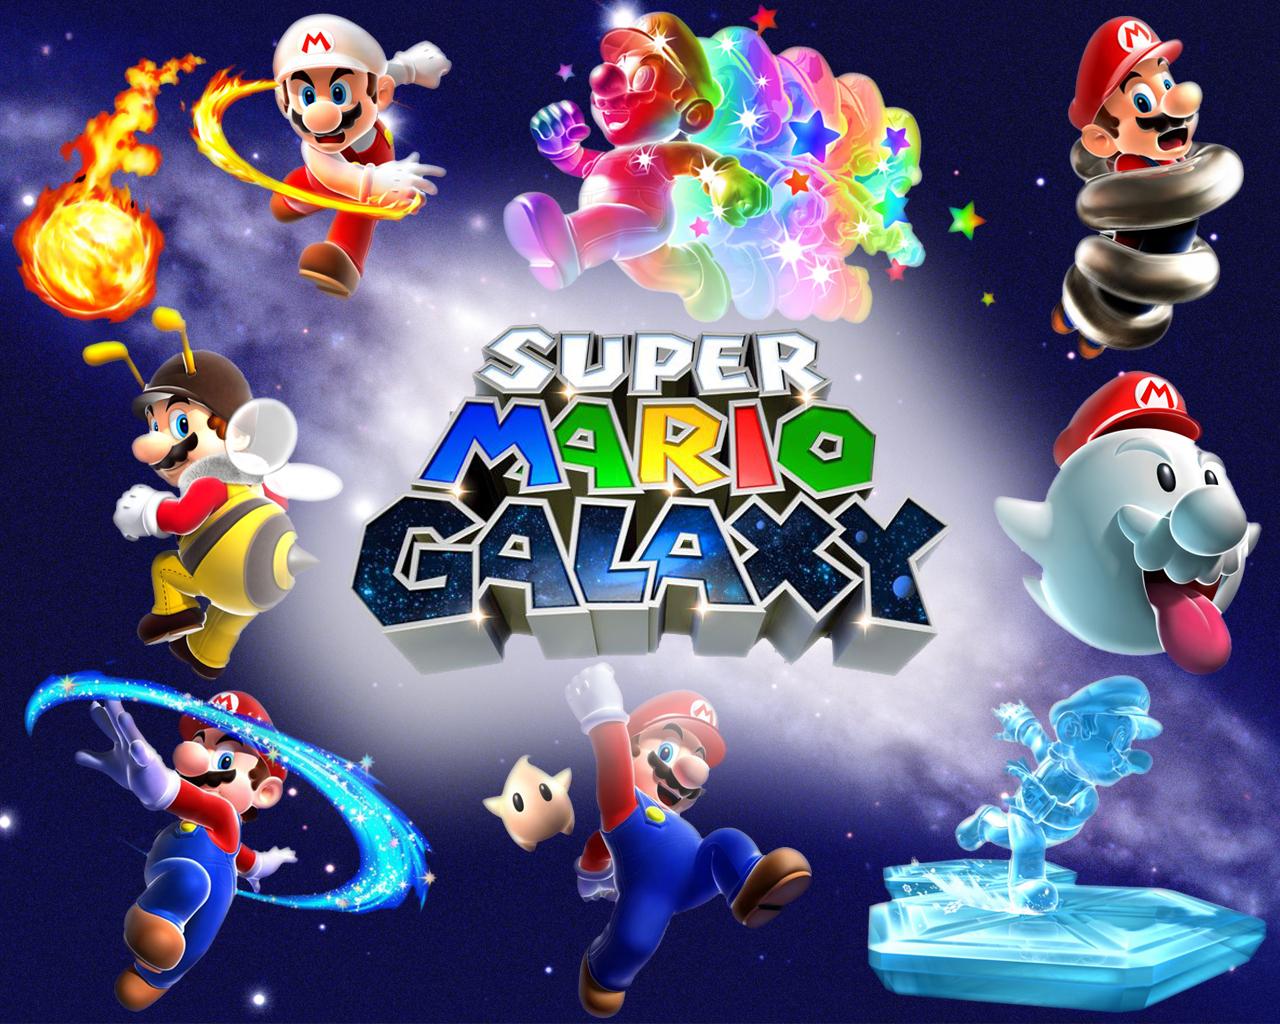 Super Mario Galaxy Wallpapers: Super Mario Galaxy Wallpaper By Whatnotdude On DeviantArt